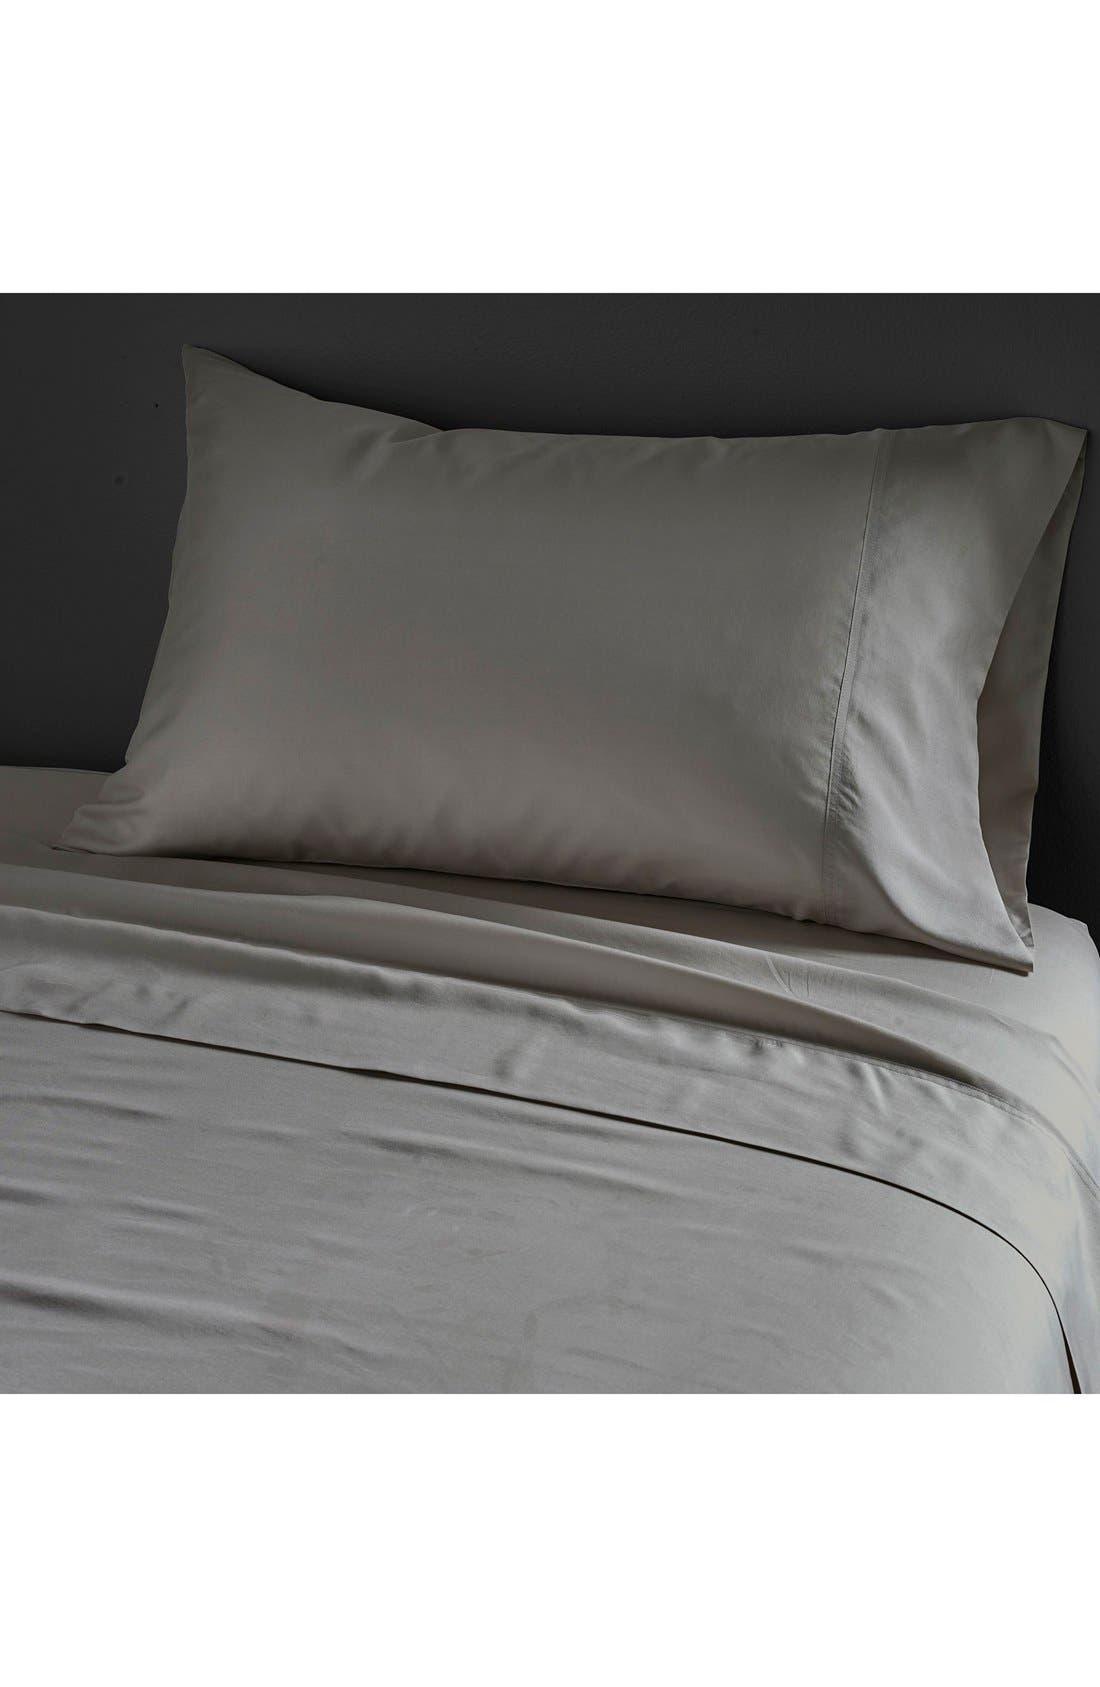 main image donna karan collection u0027silk habutai silk pillowcase - Silk Pillow Case